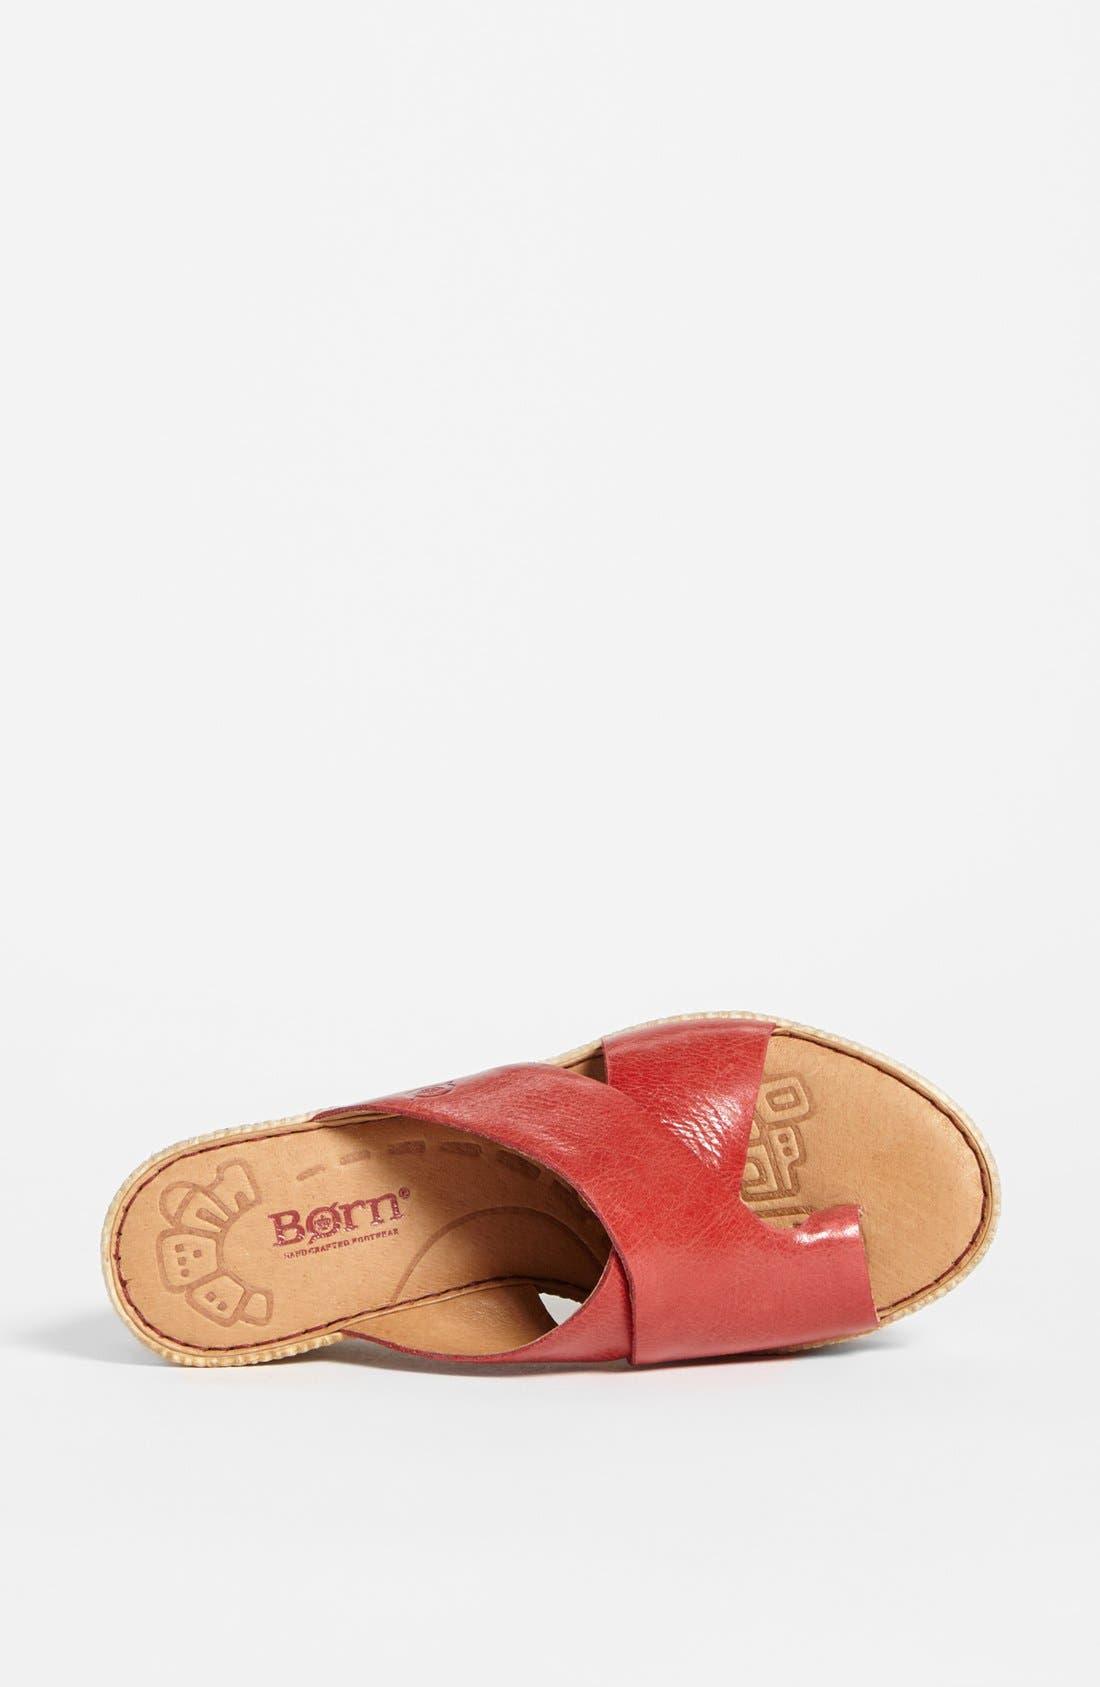 Alternate Image 3  - Børn 'Shelene' Sandal (Special Purchase)